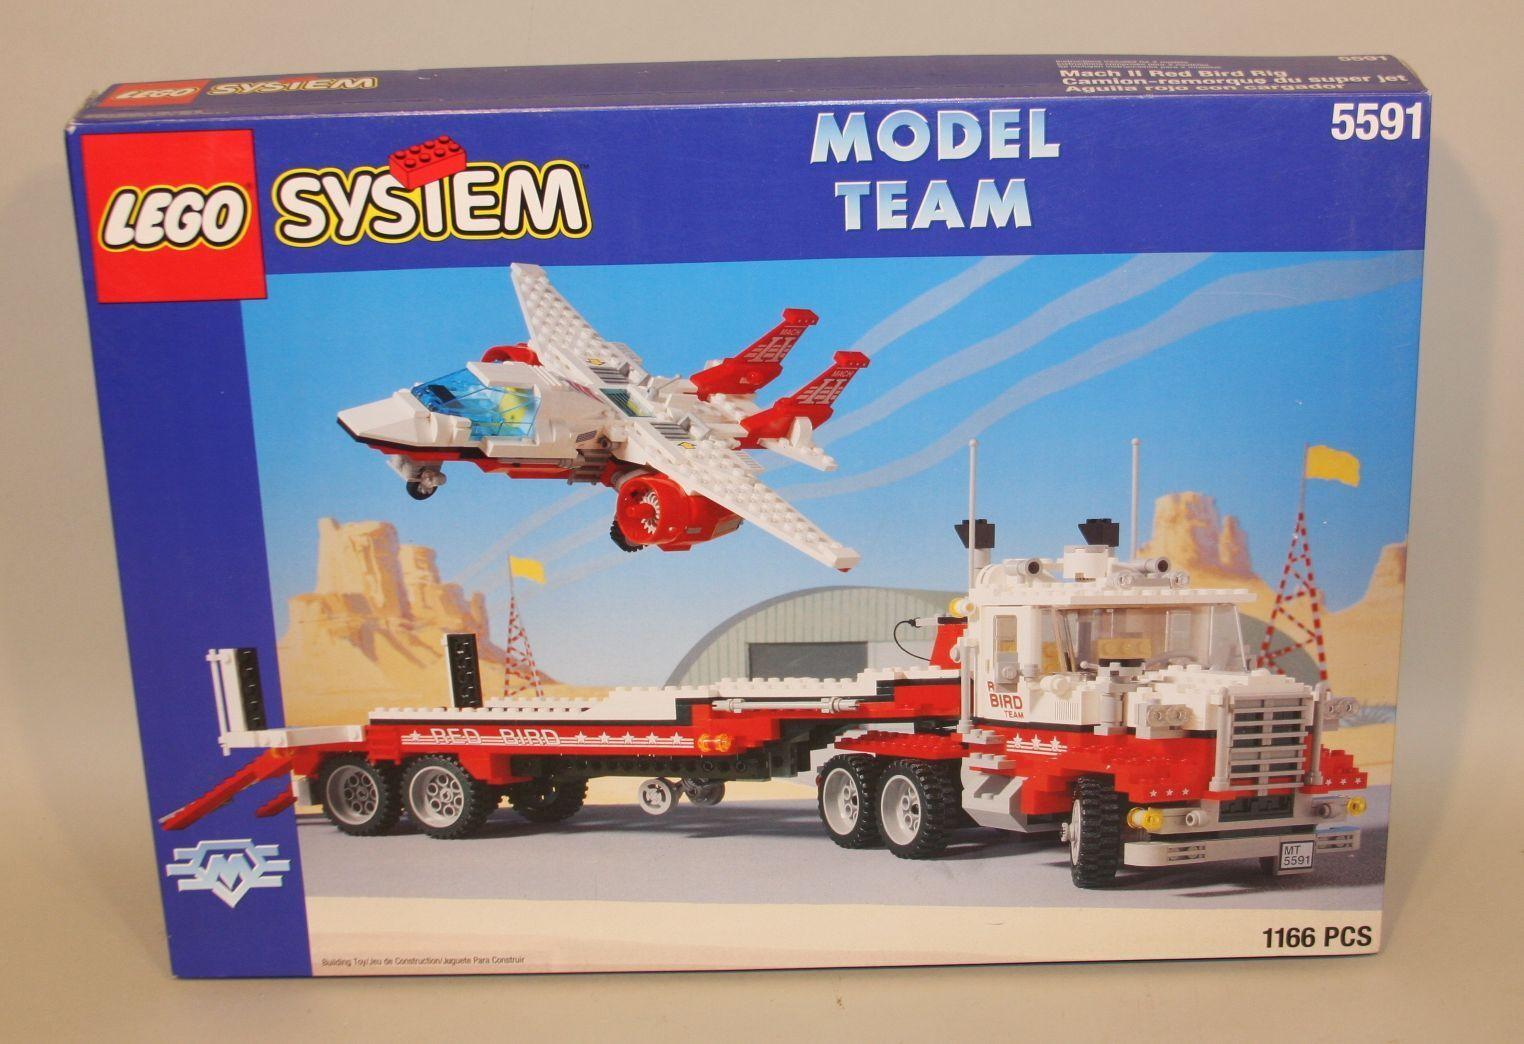 1994 Modelo Lego equipo Mach II Plataforma De Pájaro Rojo 5591 in (approx. 14201.14 cm) Caja con Instrucciones